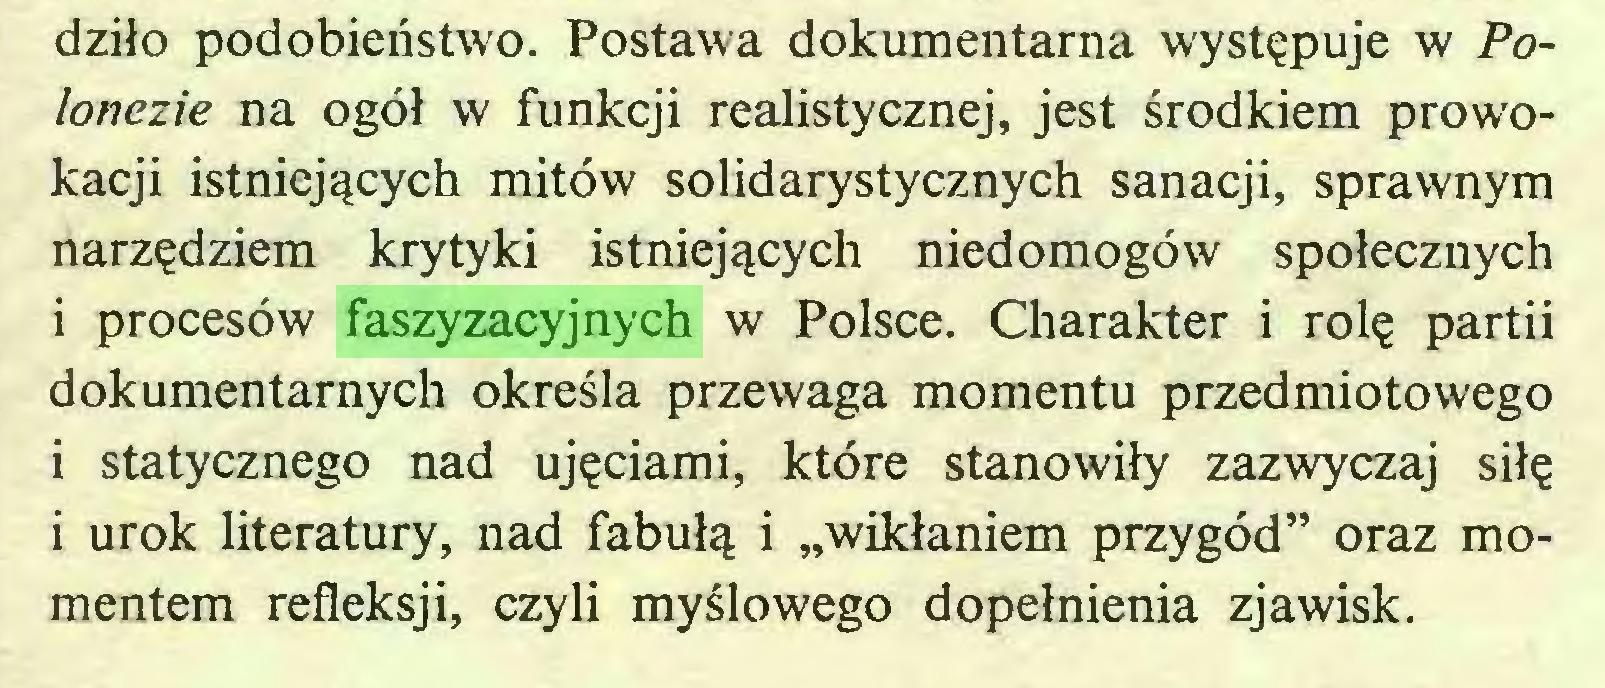 """(...) dziło podobieństwo. Postawa dokumentarna występuje w Polonezie na ogół w funkcji realistycznej, jest środkiem prowokacji istniejących mitów solidarystycznych sanacji, sprawnym narzędziem krytyki istniejących niedomogów społecznych i procesów faszyzacyjnych w Polsce. Charakter i rolę partii dokumentarnych określa przewaga momentu przedmiotowego i statycznego nad ujęciami, które stanowiły zazwyczaj siłę i urok literatury, nad fabułą i """"wikłaniem przygód"""" oraz momentem refleksji, czyli myślowego dopełnienia zjawisk..."""